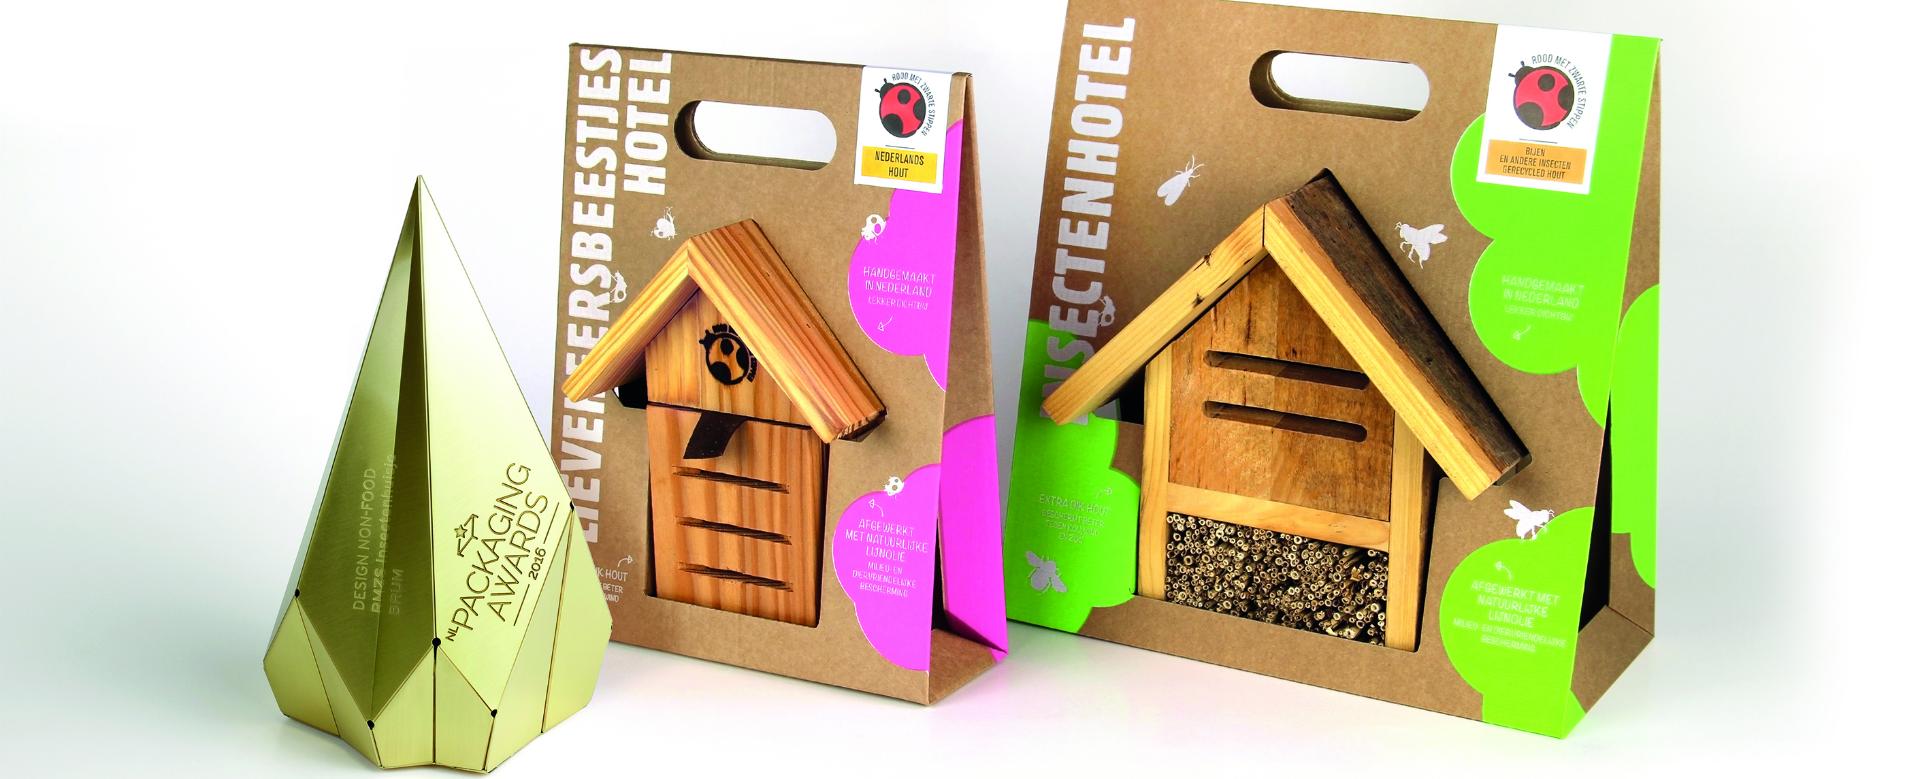 verpakking insectenhotels